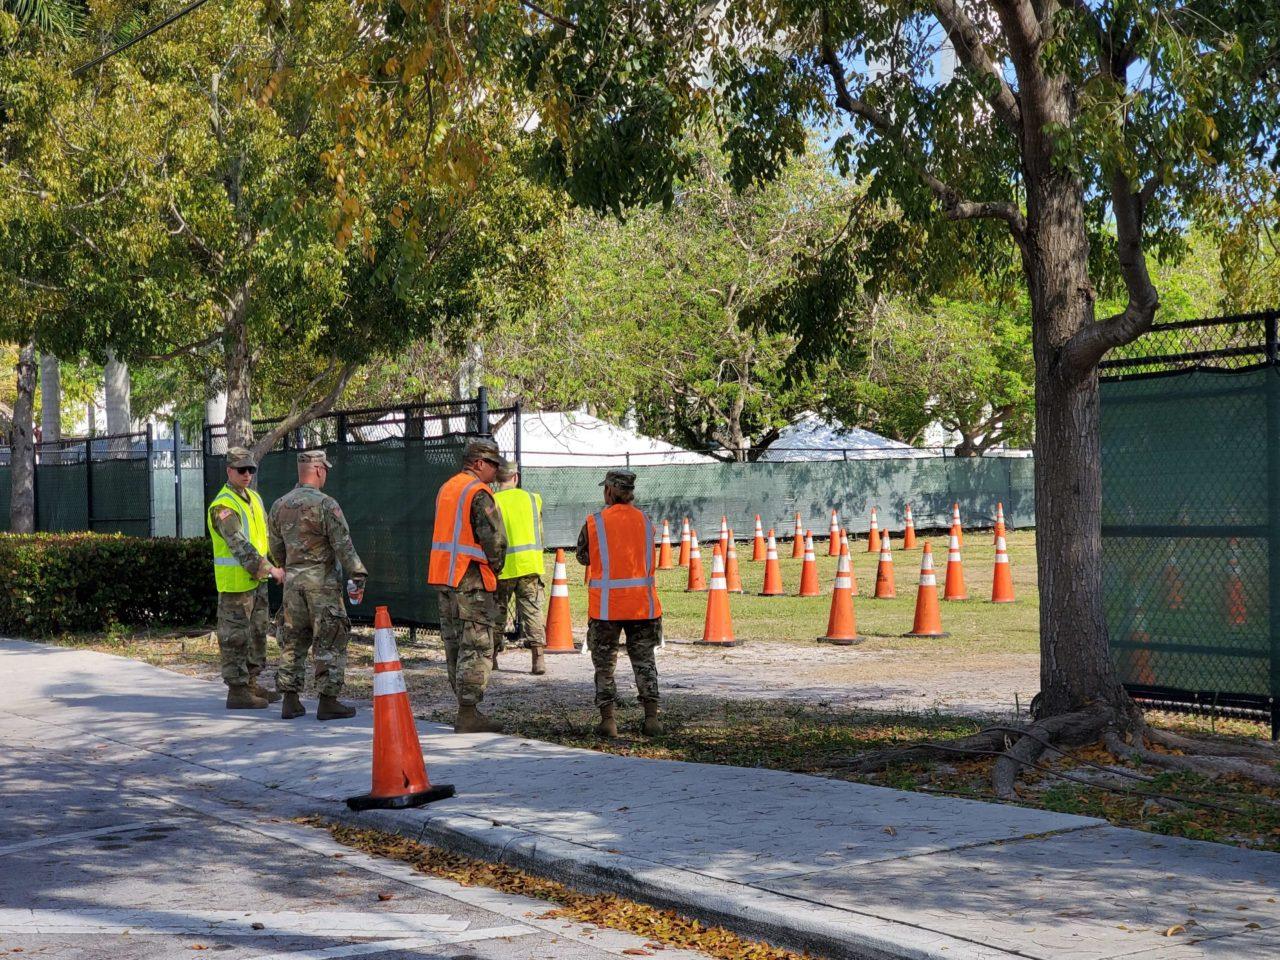 MArlins testing 2 1 1280x960 - Centros de pruebas COVID-19 en Miami-Dade